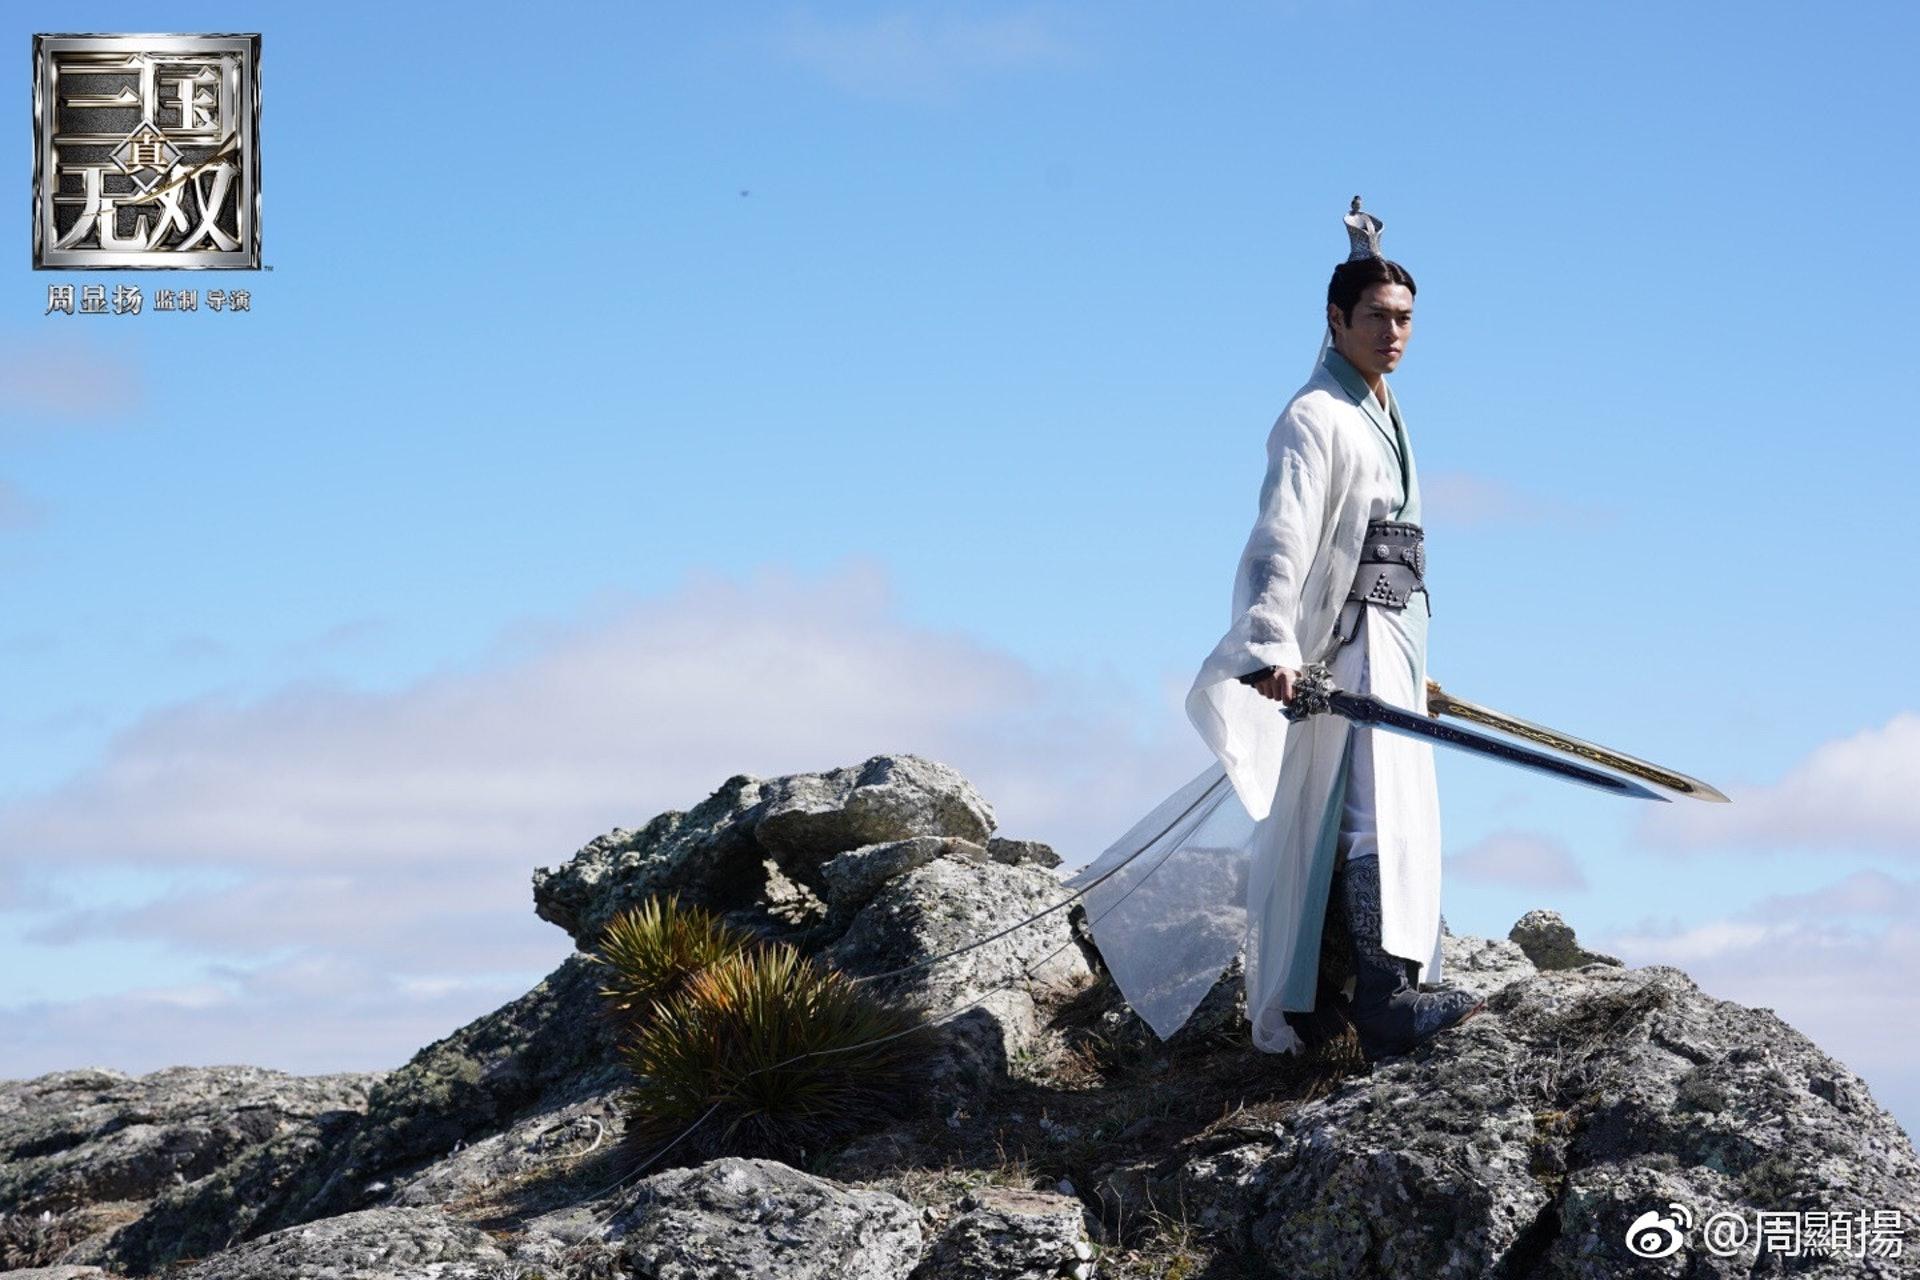 飾演劉備的楊祐寧無論穿便服還是盔甲都超型。(網上圖片)